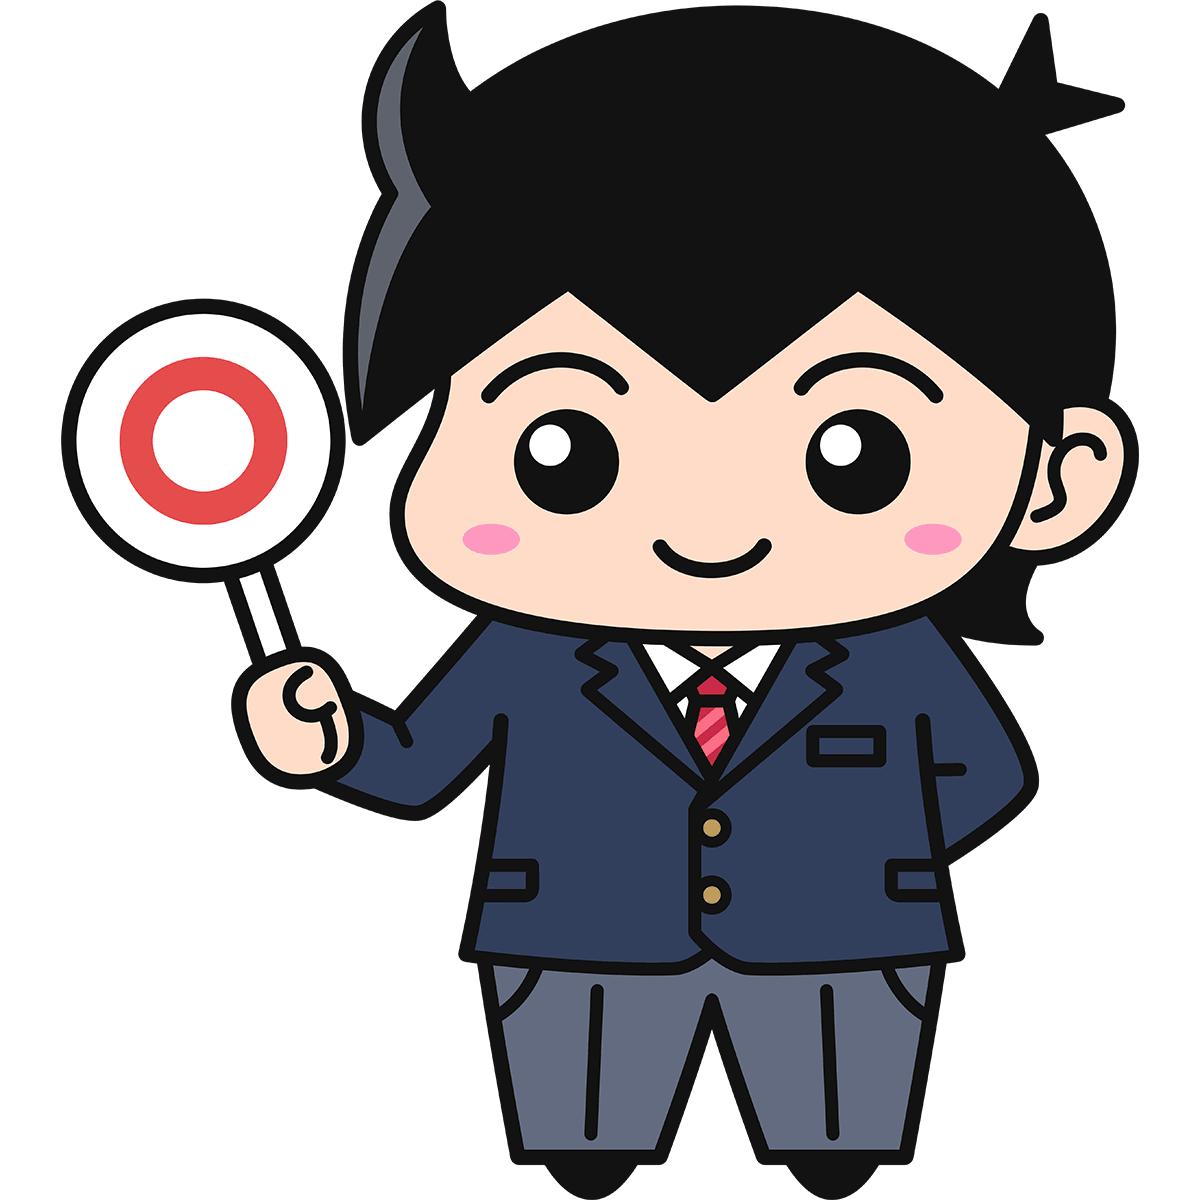 男子学生(正解/ブレザー)の無料イラスト